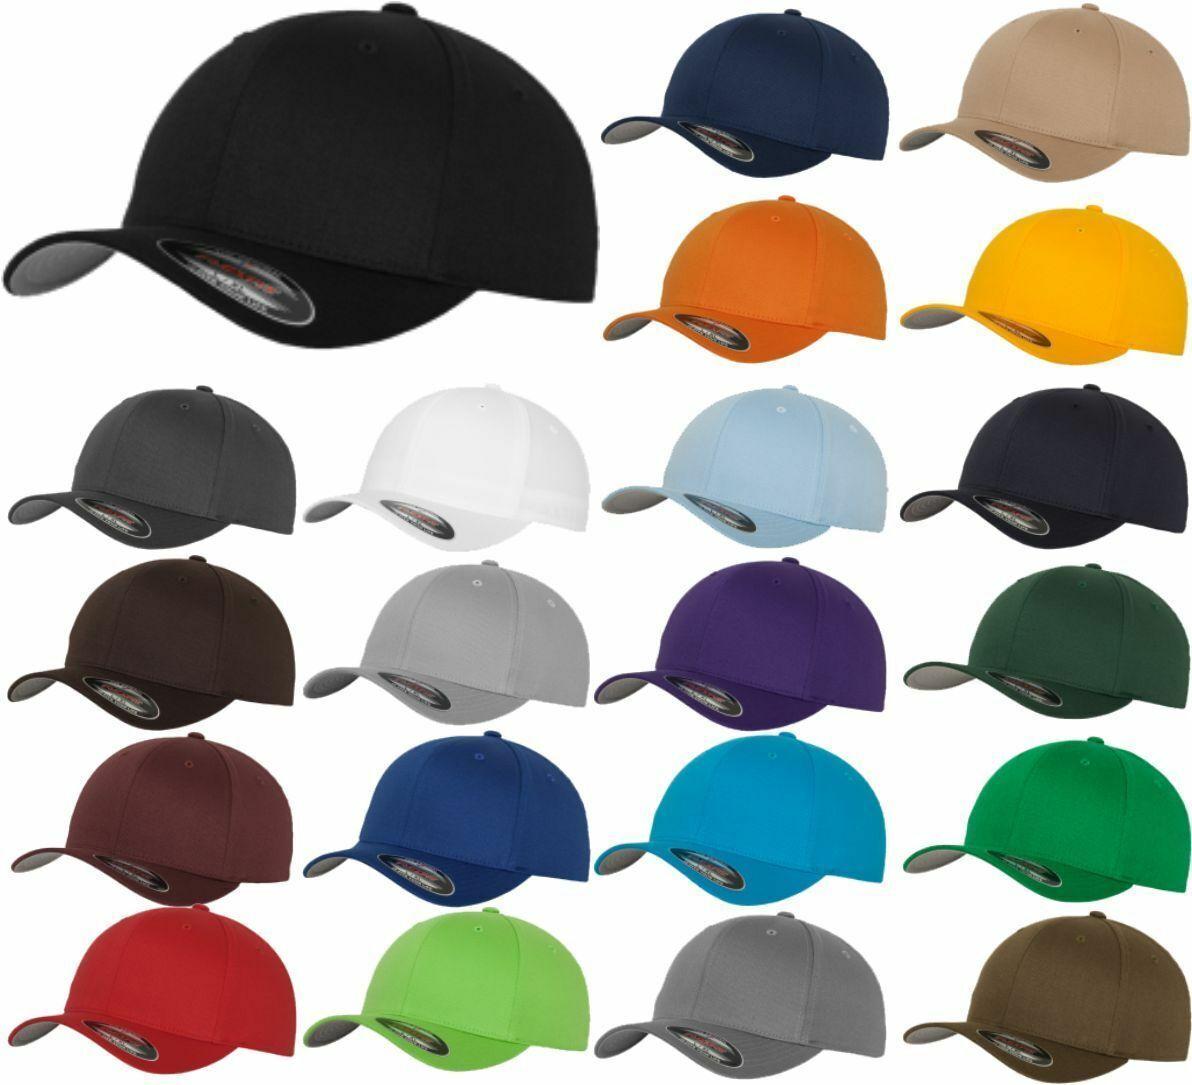 ORIGINAL FLEXFIT CAP FLEX FIT KAPPE BASECAP CAPS TRUCKER KAPPEN NEU  ALLE FARBEN